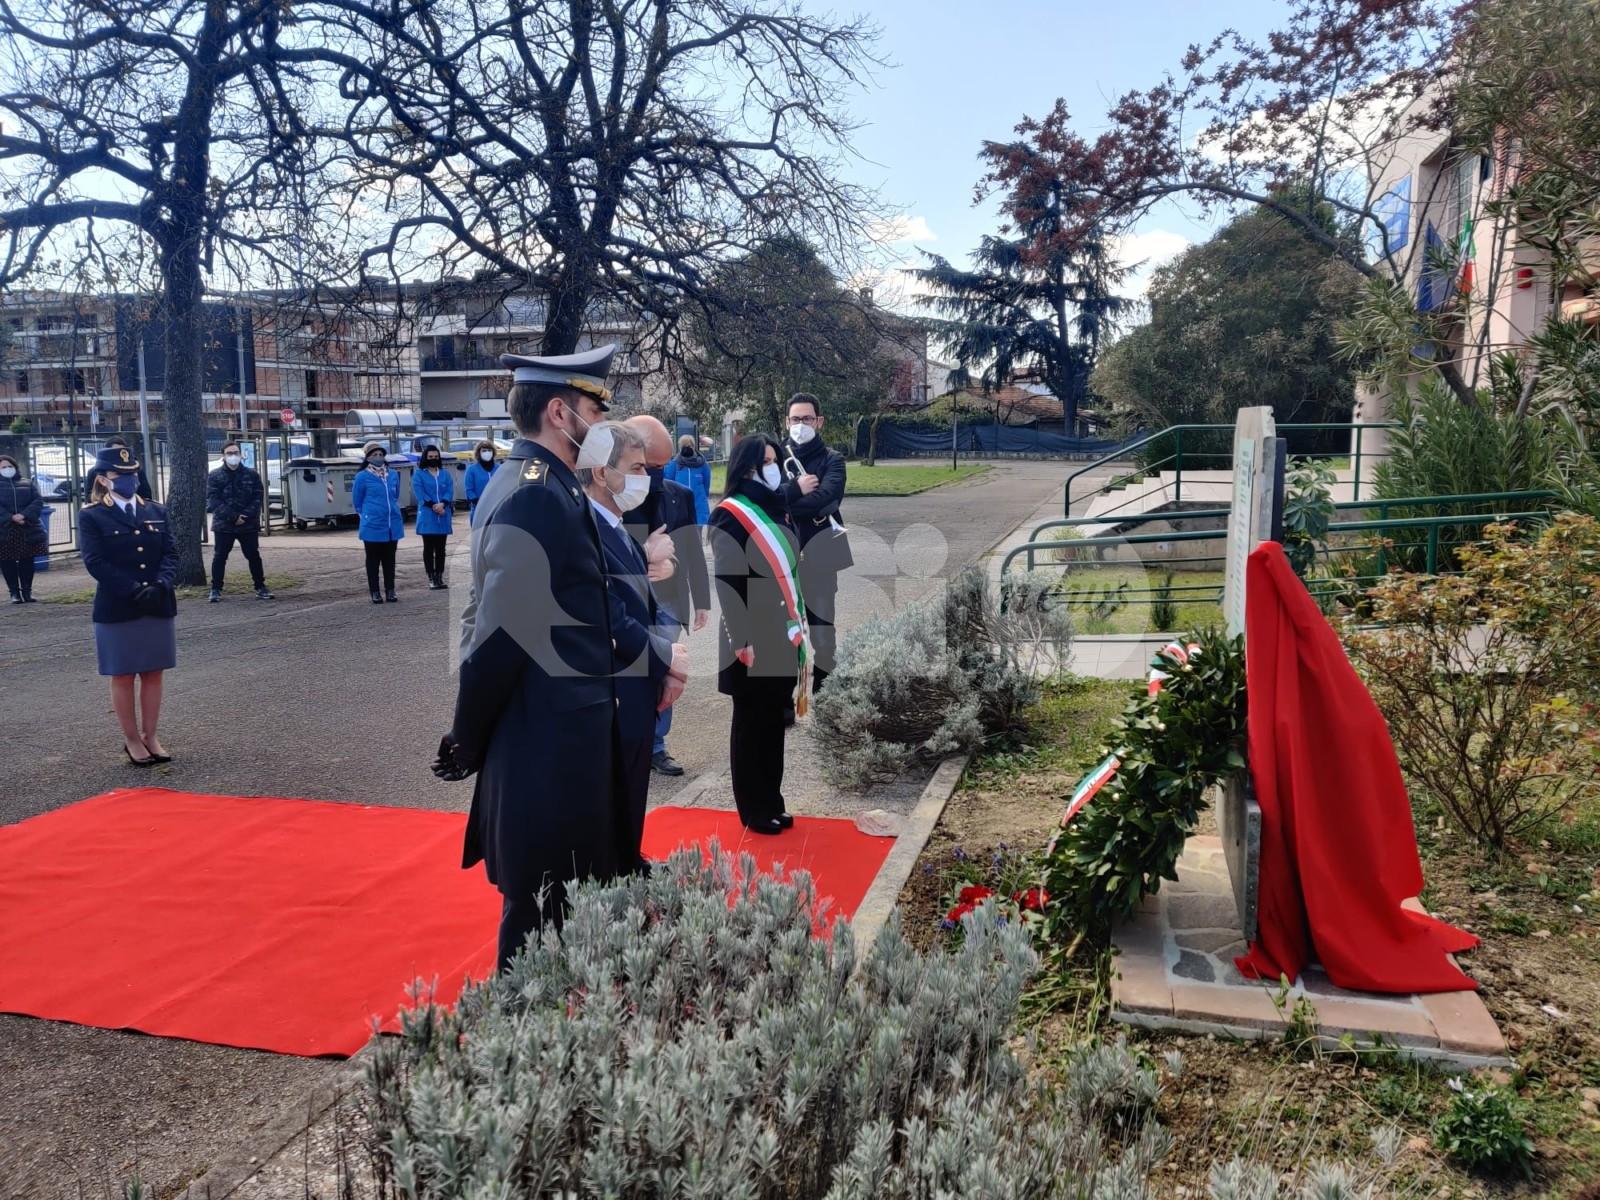 Tutti uniti contro le mafie, al Polo-Bonghi cerimonia in memoria delle vittime